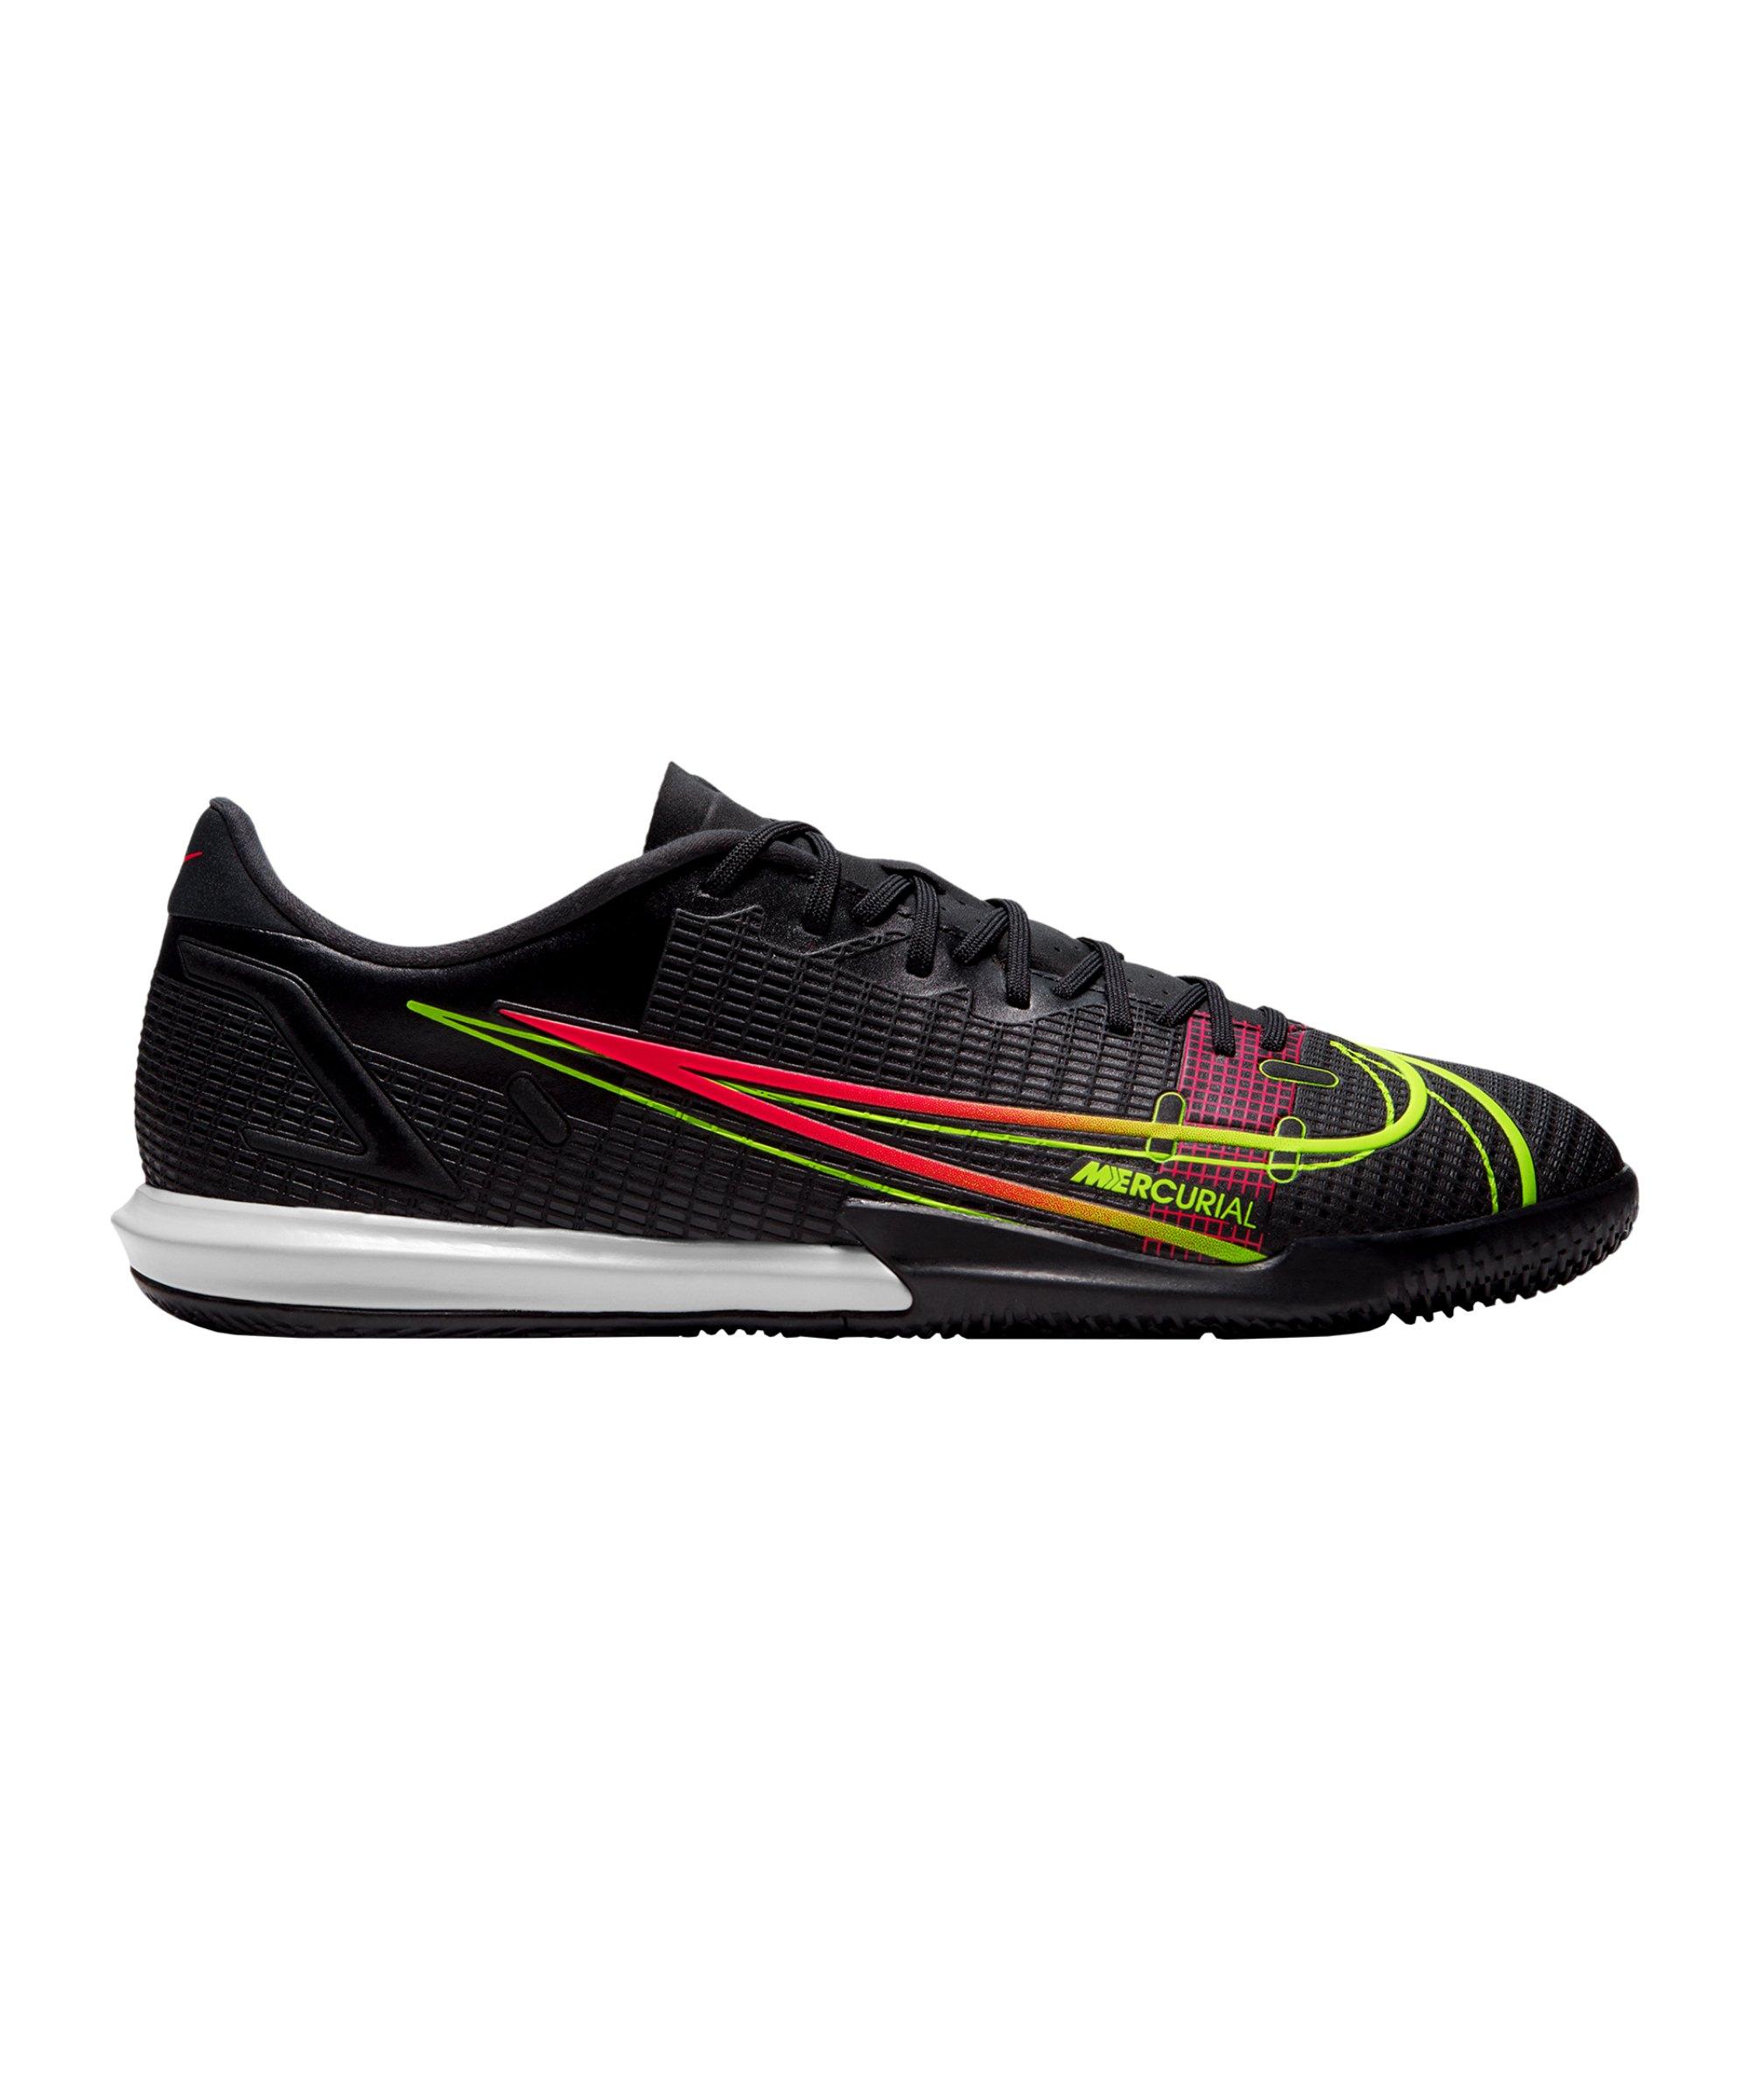 Nike Mercurial Vapor XIV Black X Prism Academy IC Schwarz F090 - schwarz